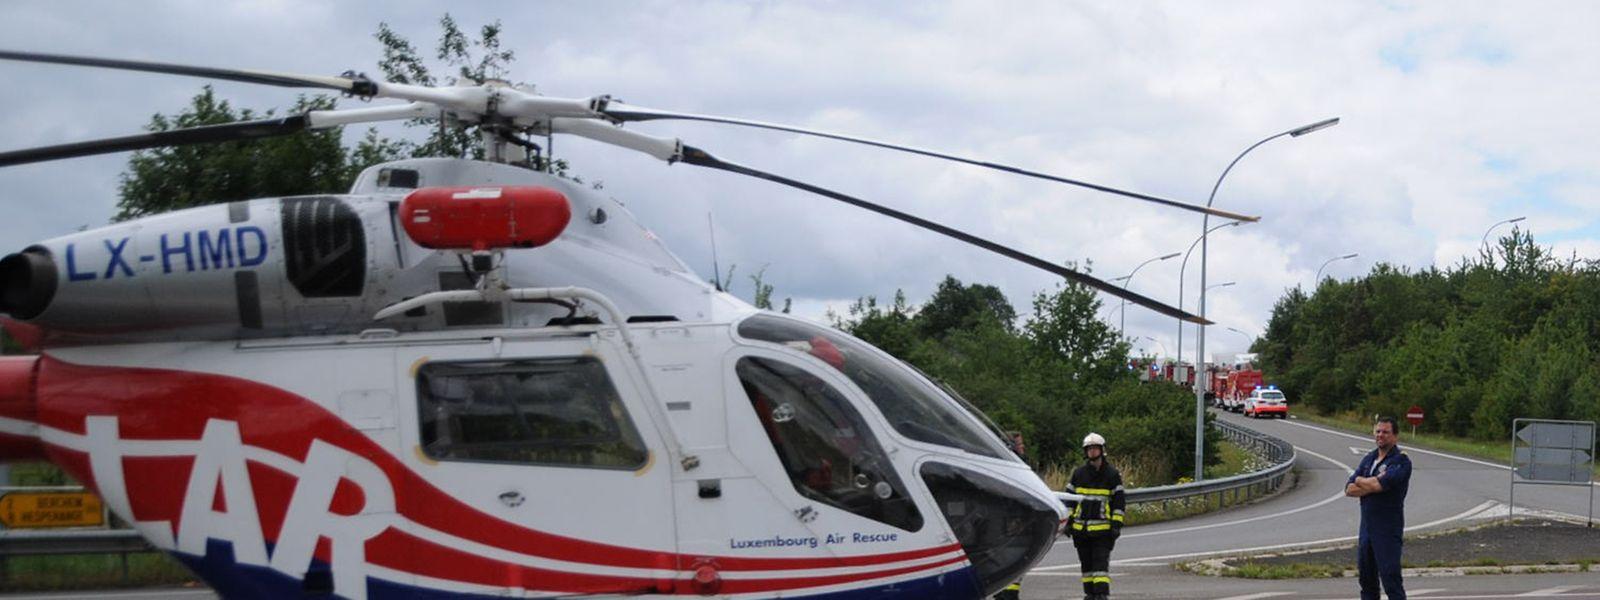 Ein Rettungshubschrauber ist vor Ort im Einsatz.